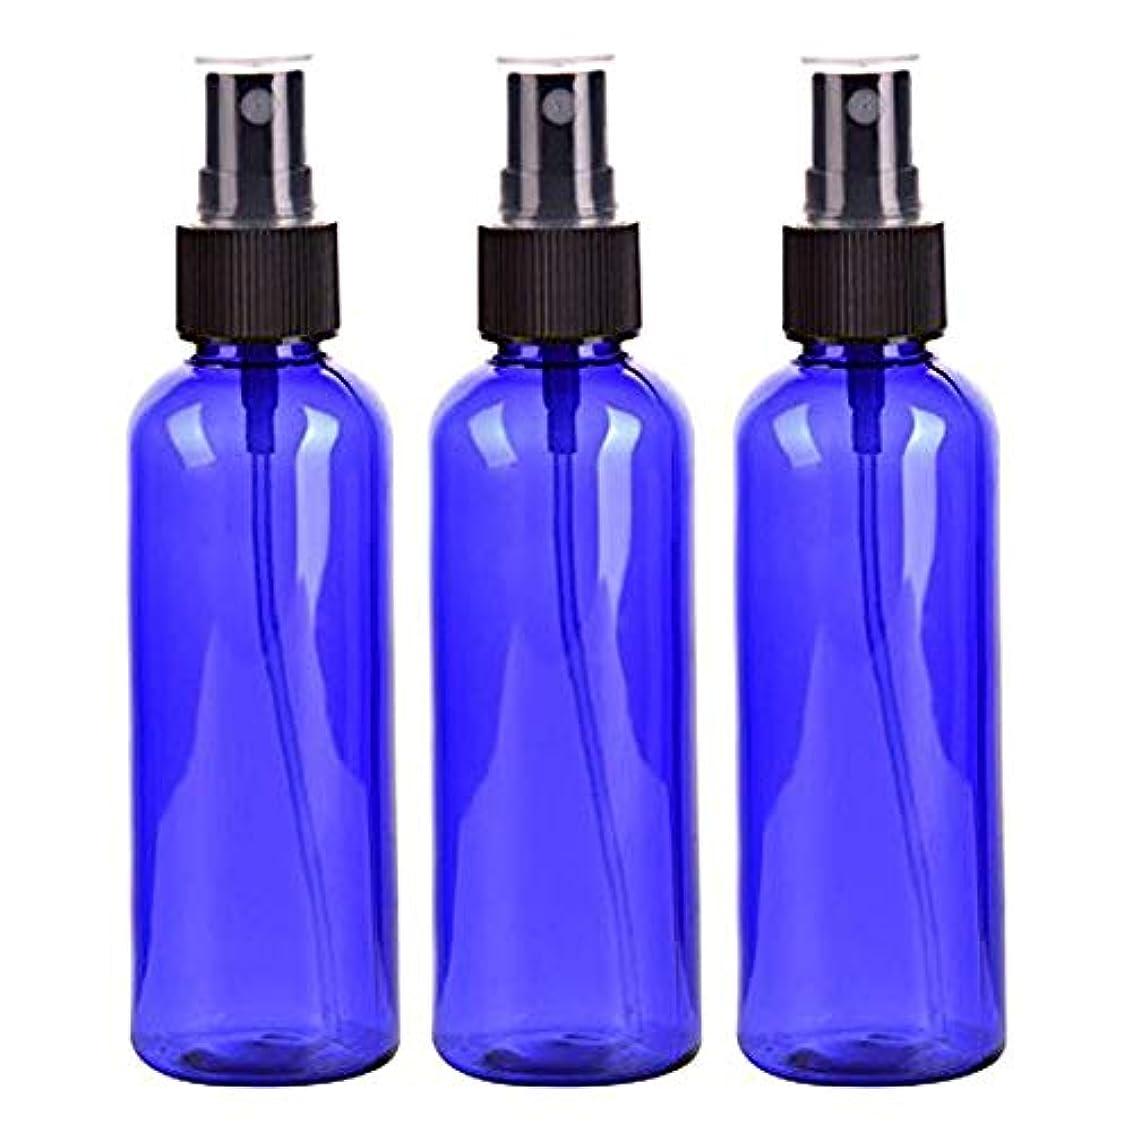 子孫唯物論選ぶスプレーボトル 50mL ブルー黒ヘッド プラスチック空容器 3本セット (青)